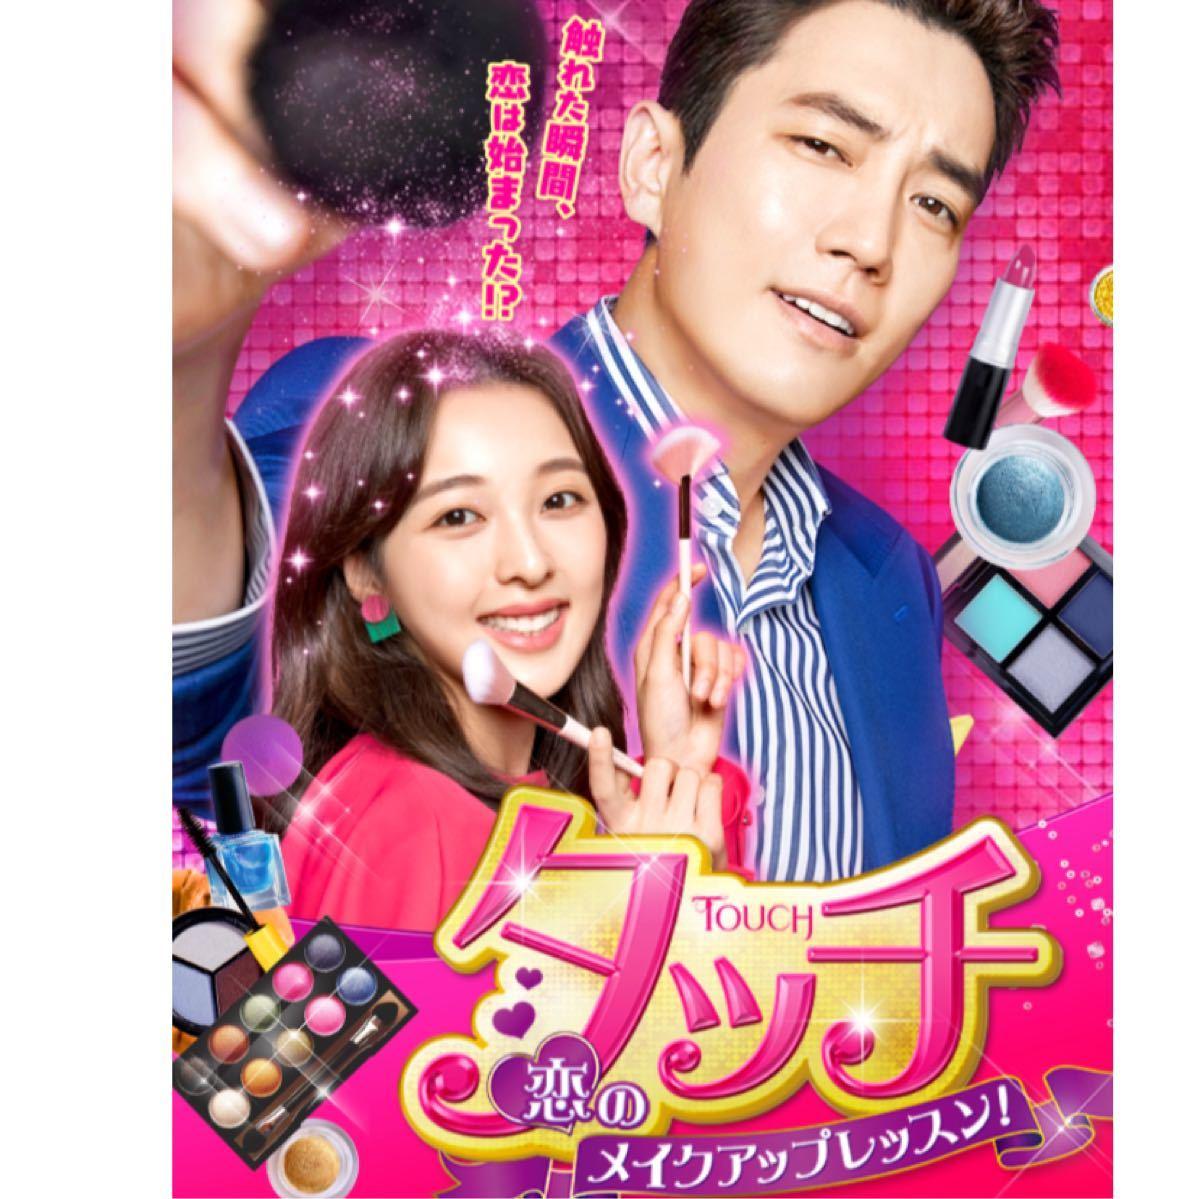 ◆ G.W セール ◆ ☆韓国ドラマ☆『タッチー恋のメイクアップレッスン』 Blu-ray  全話!!